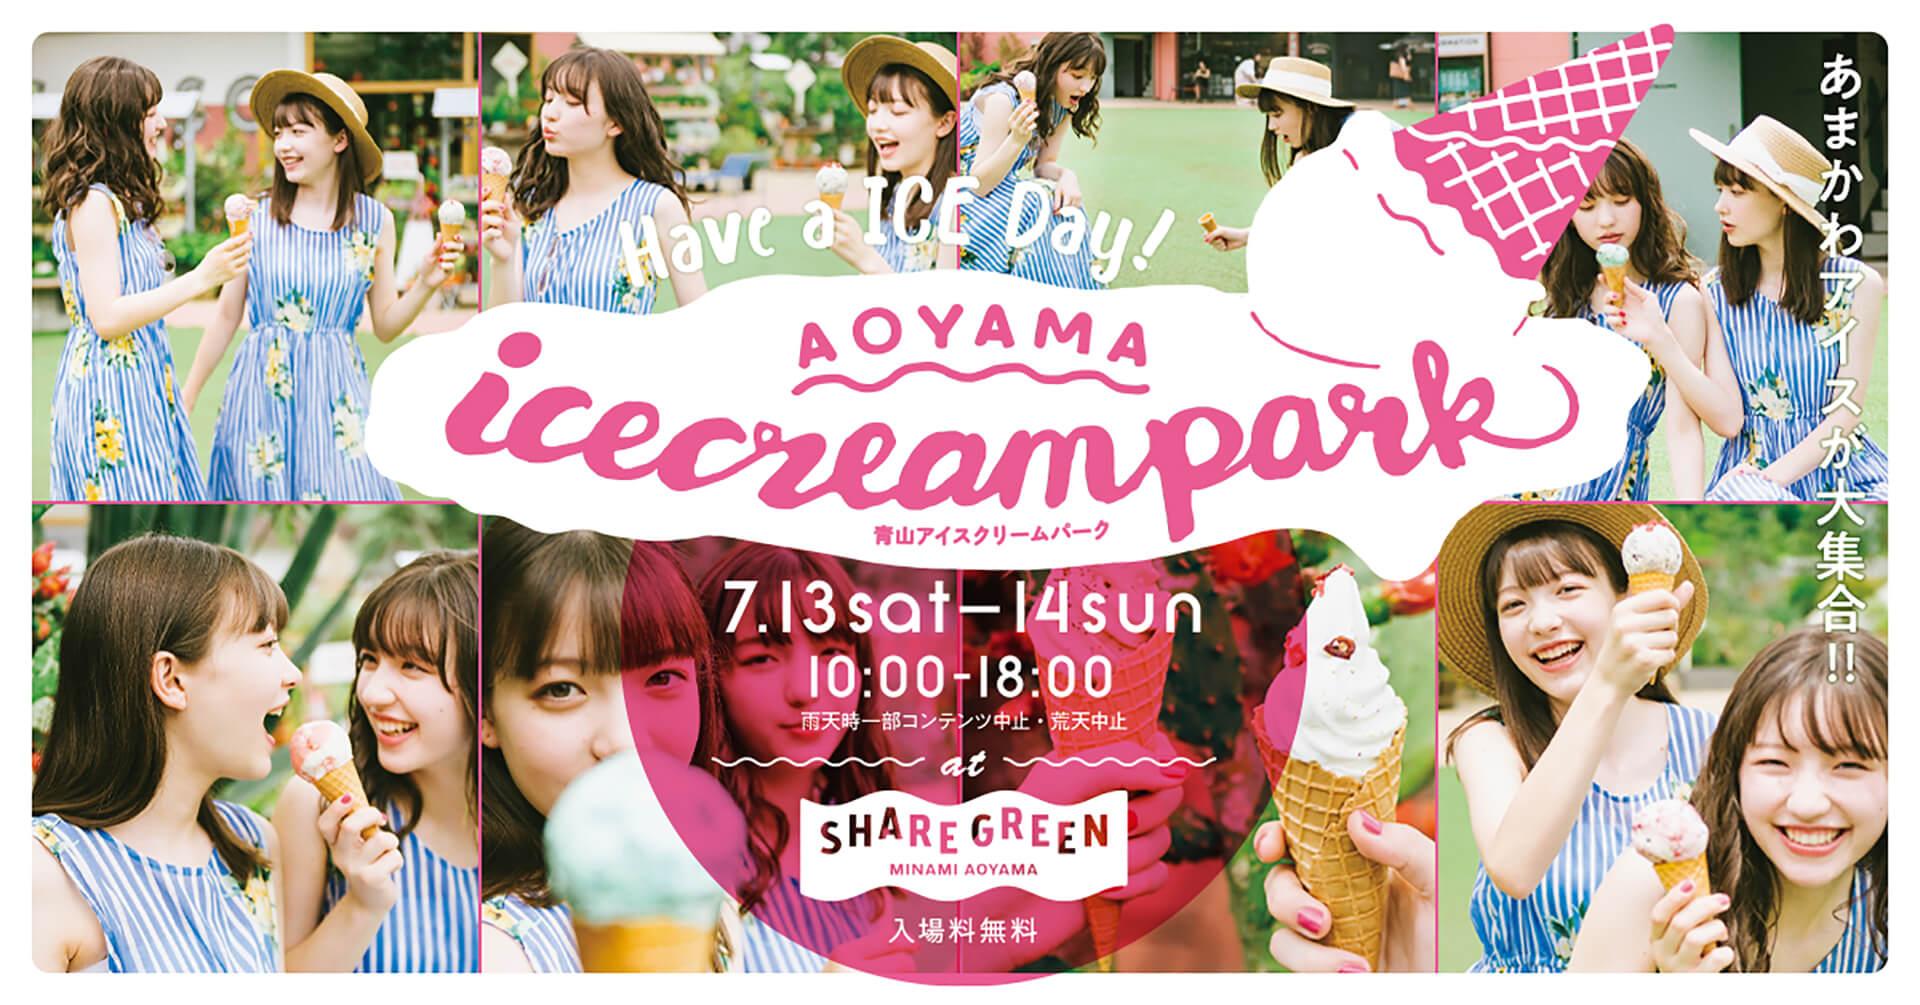 この写真は青山アイスクリームパークの告知バーバー。女子たちがアイスを楽しむ様子です